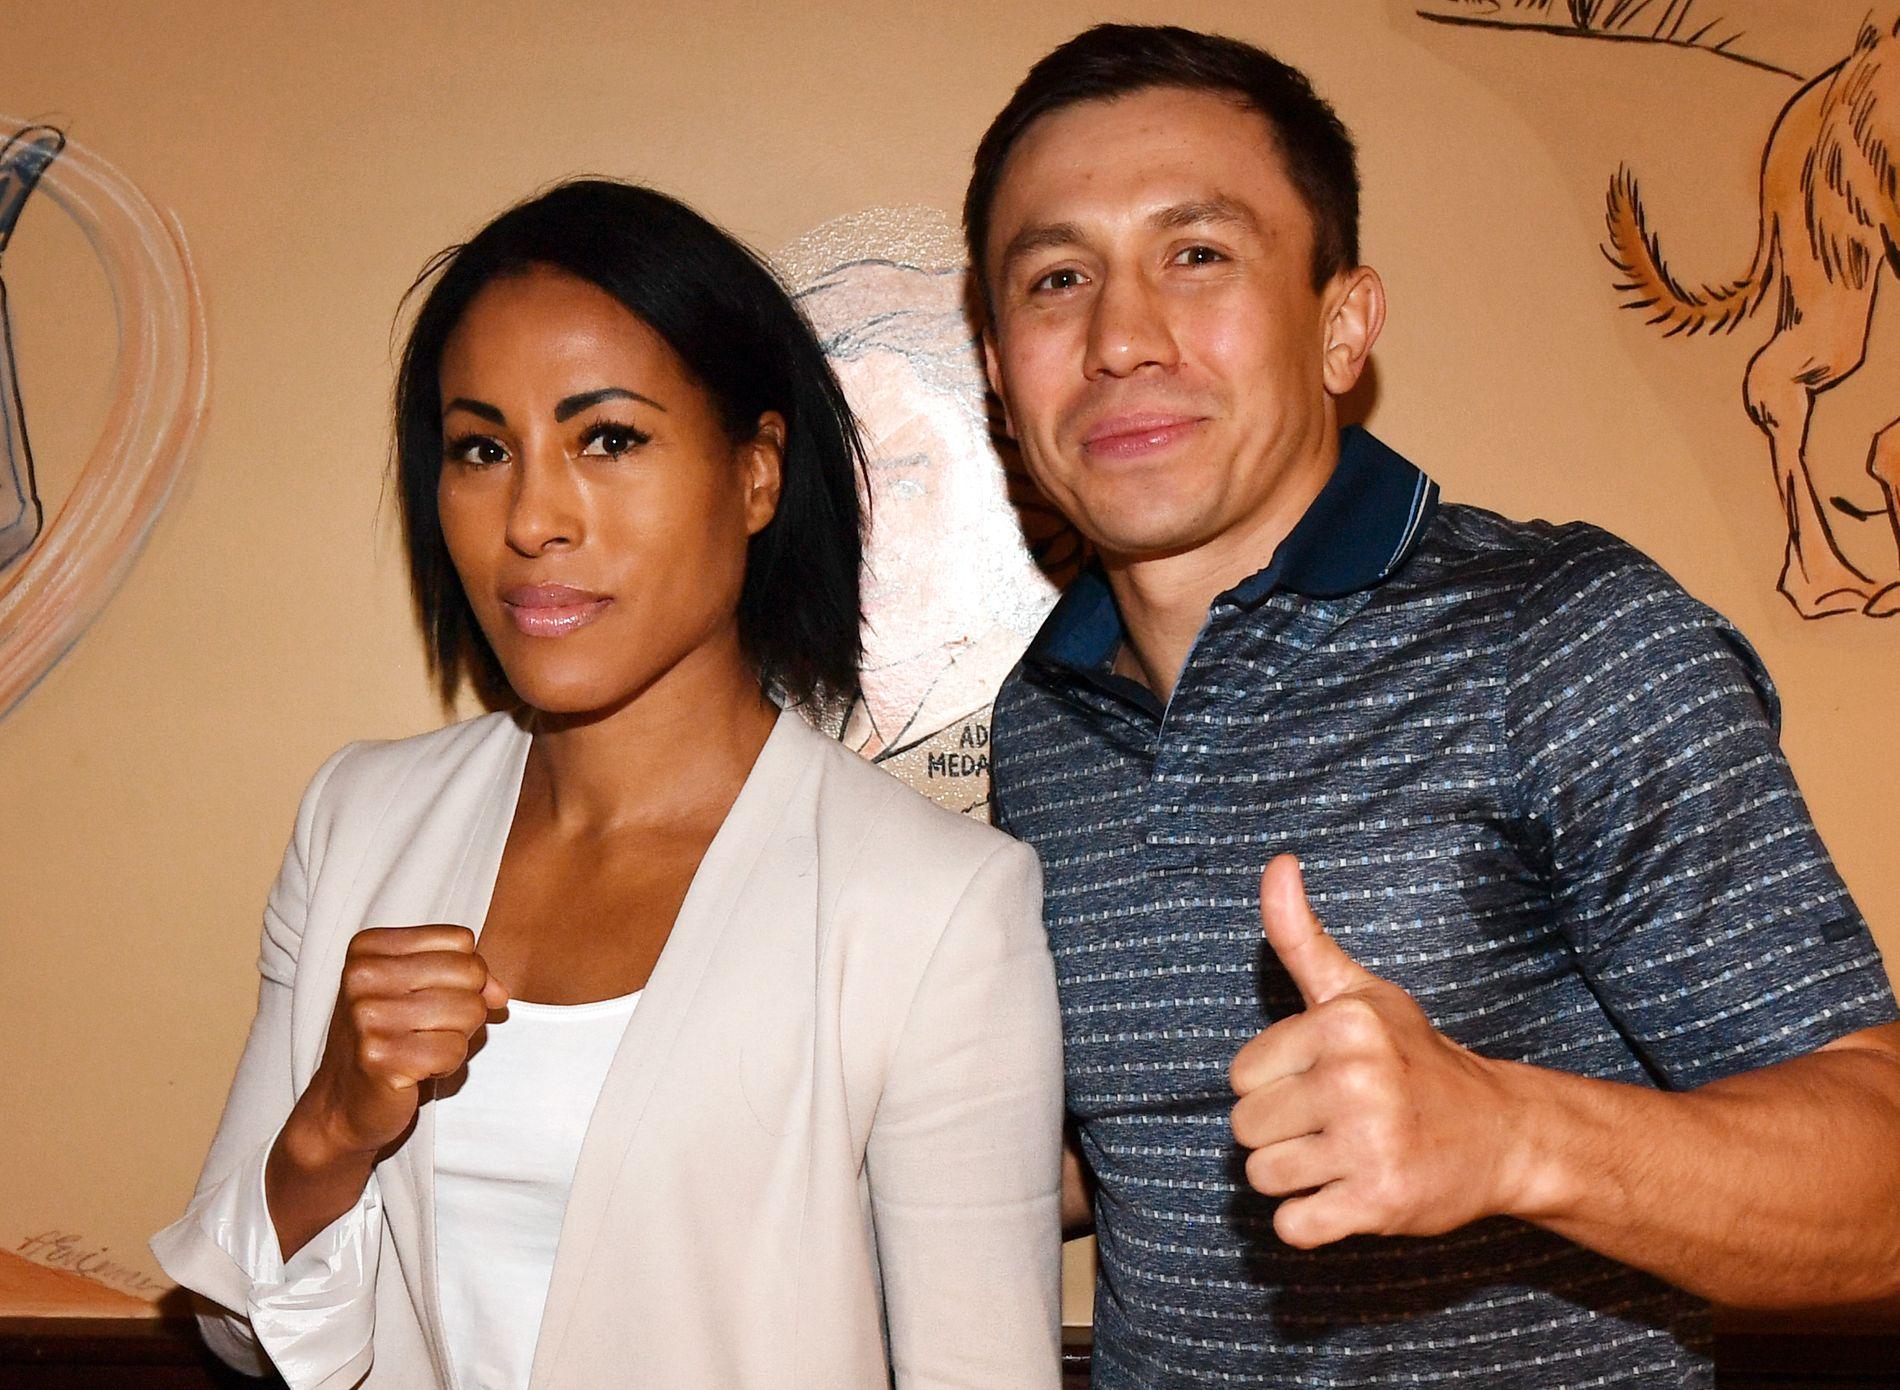 BLIR TILSKUER: Cecilia Brækhus nøyer seg med tilskuerplass når Gennady Golovkin skal gå storkamp i Las Vegas. Her fra en pressekonferanse i Los Angeles i april.